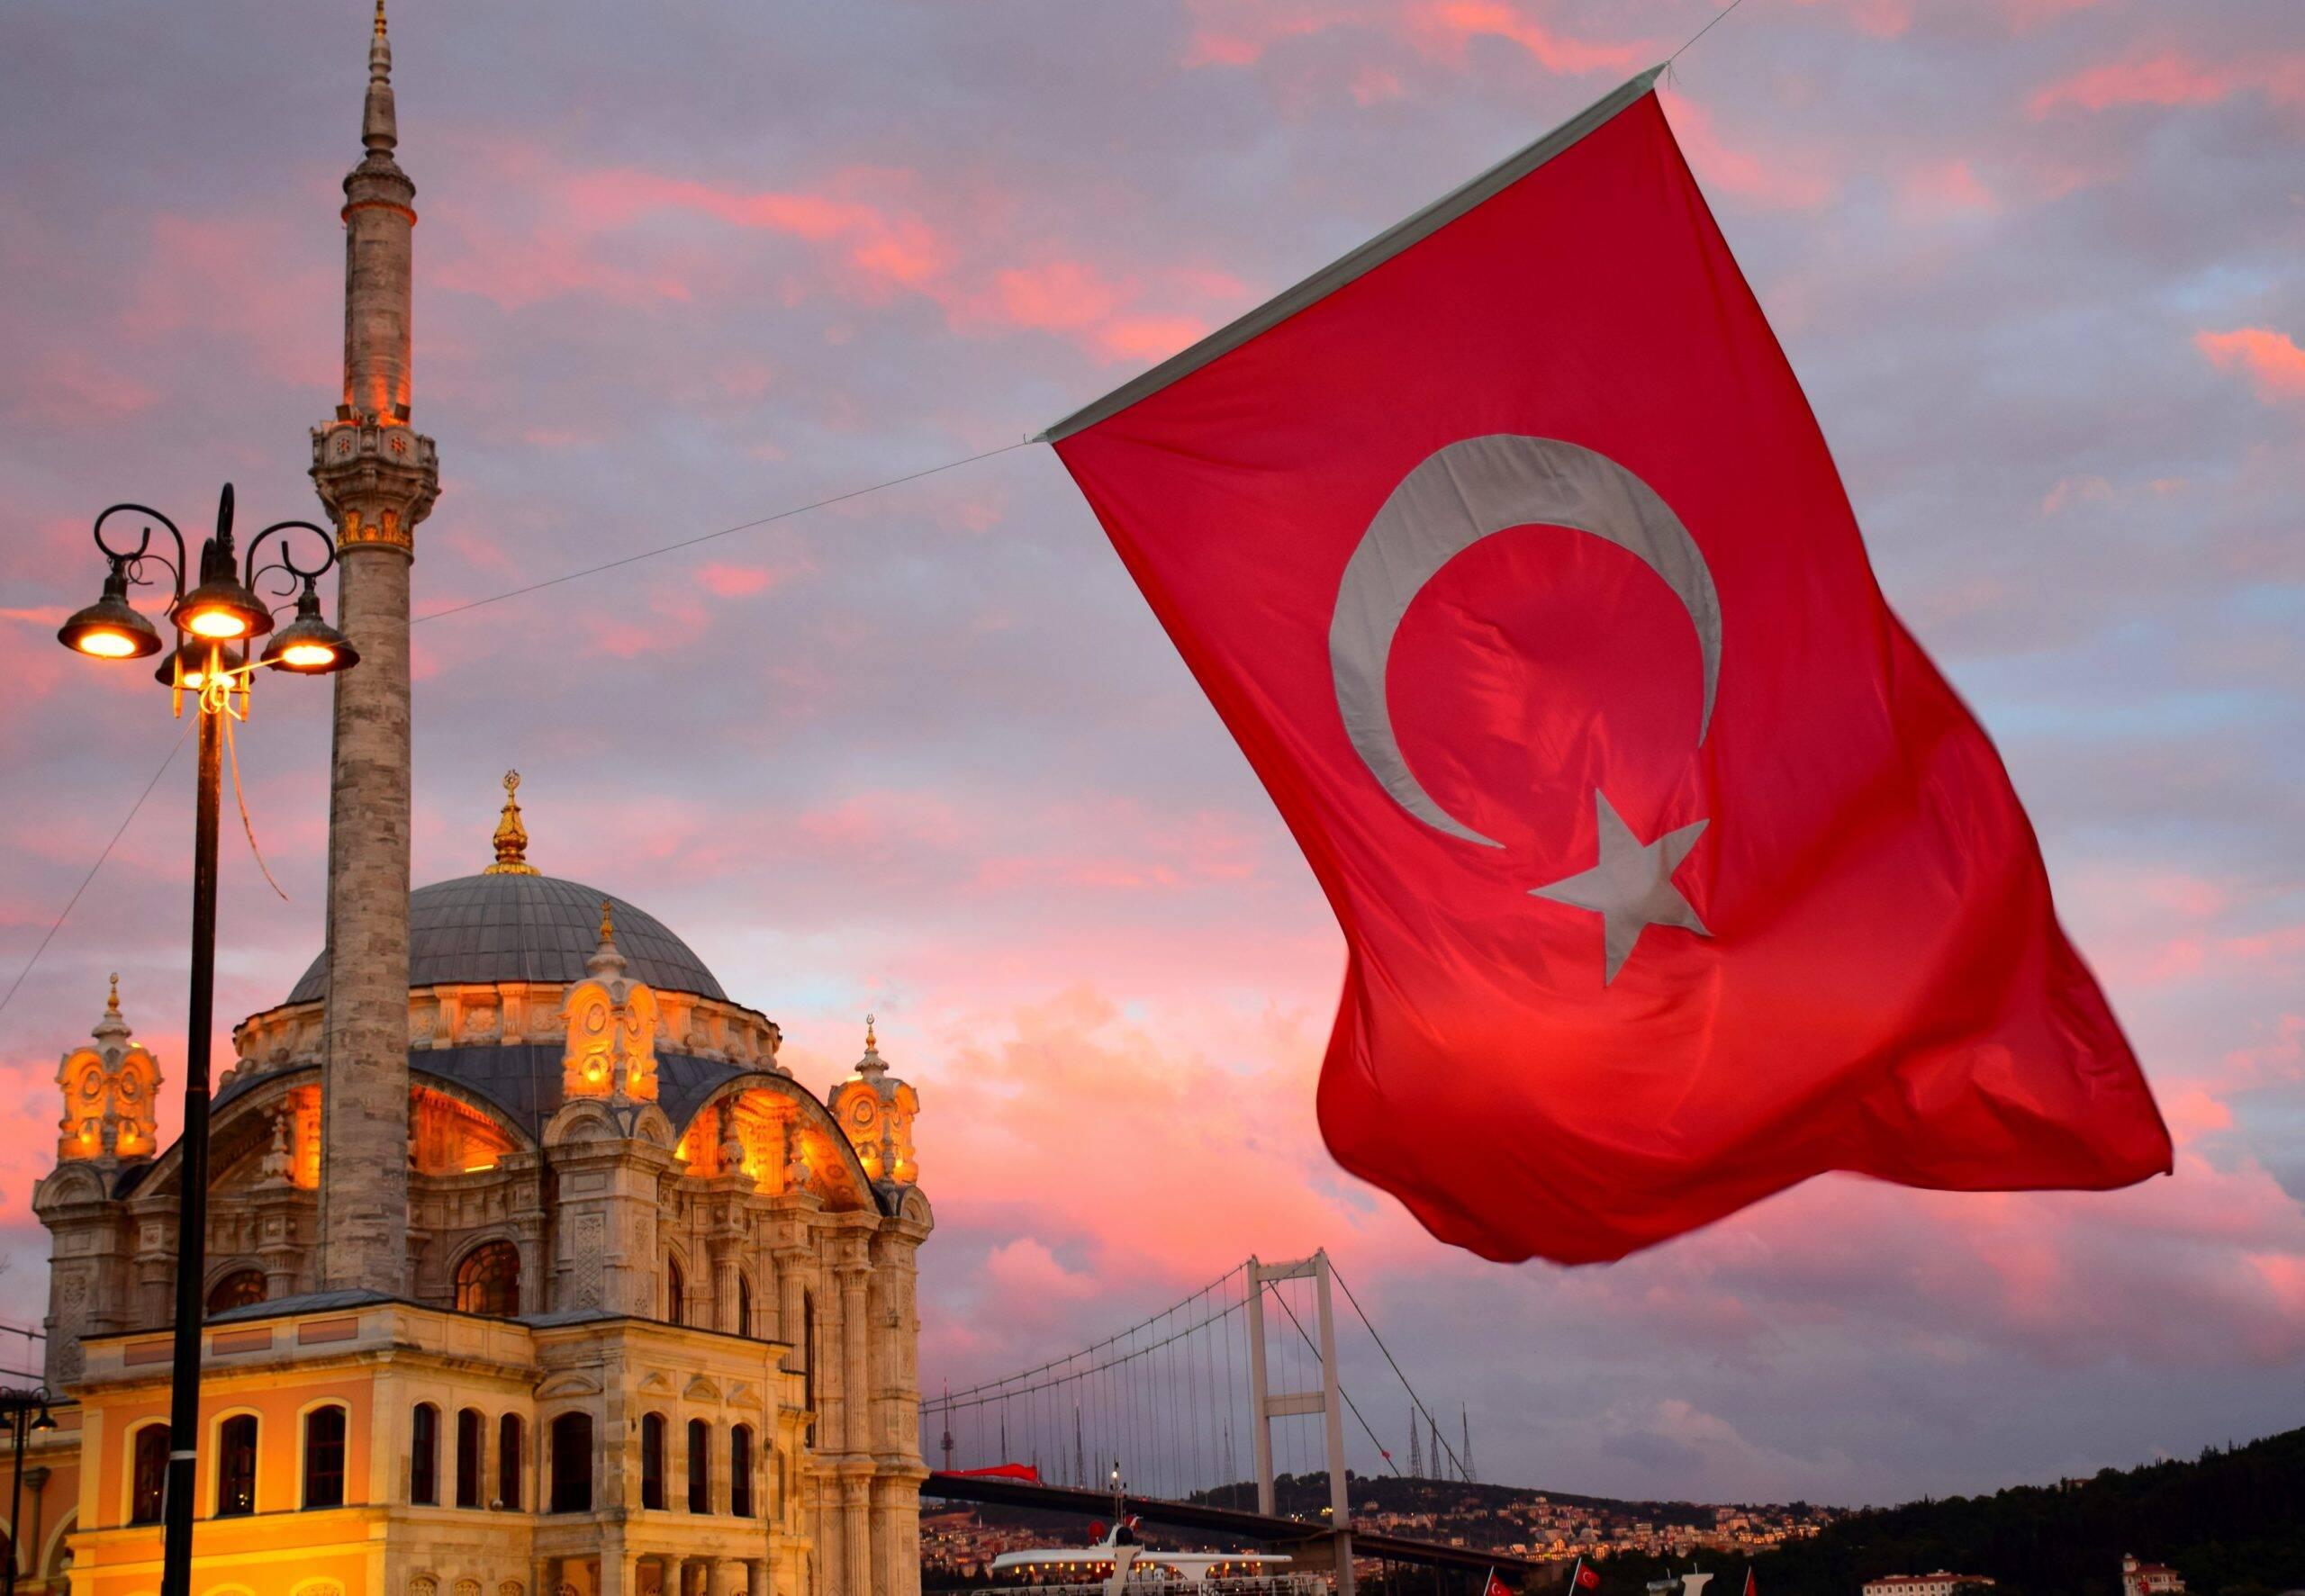 Em décimo lugar está a Turquia com 40,16 milhões de habitante imunizados, o que equivale aproximadamente a metade da população. (Foto: Unsplash)